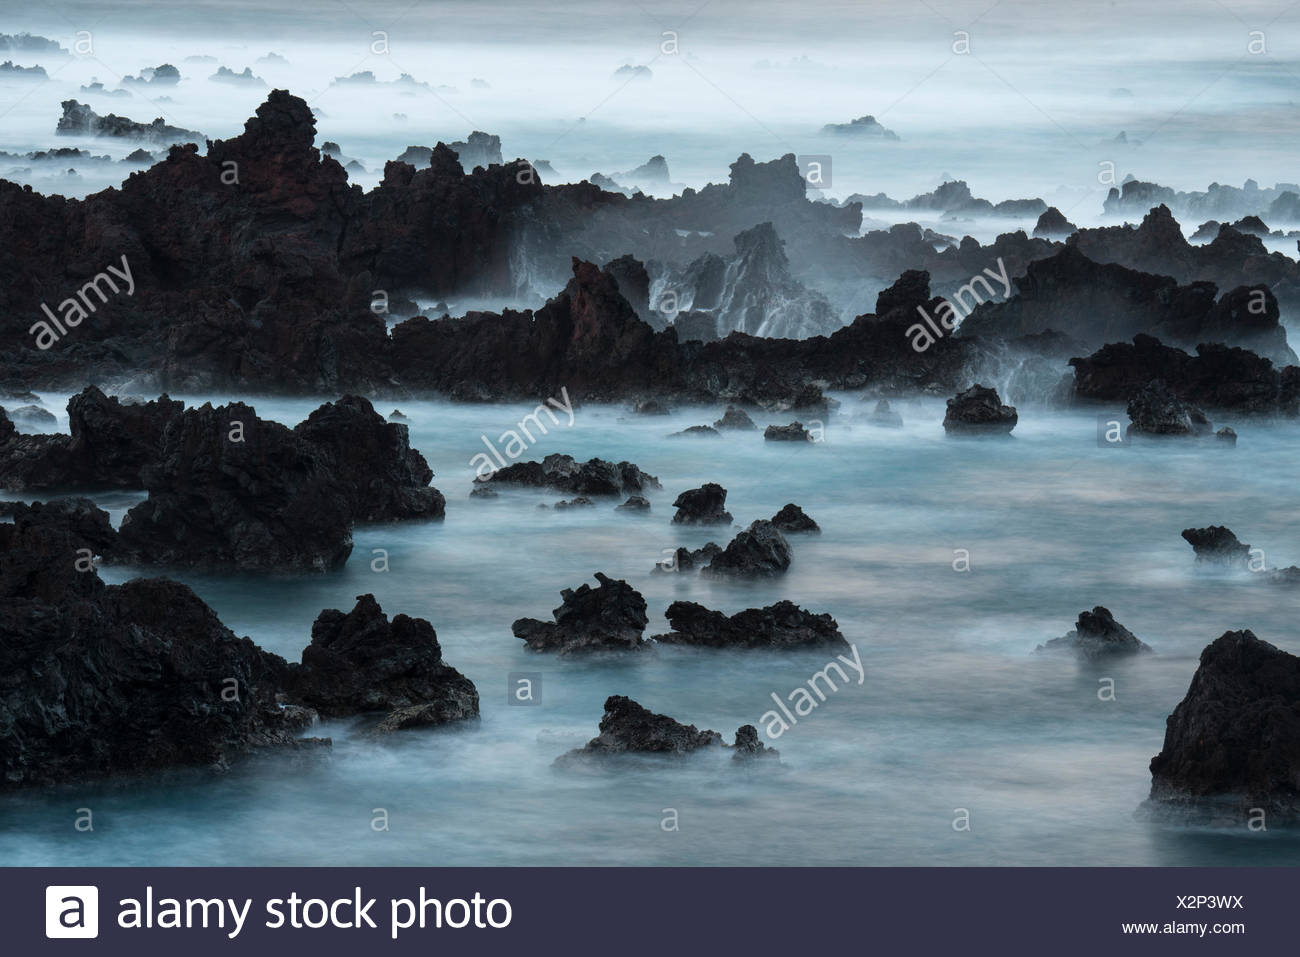 Une longue exposition de surfer sur des roches de lave à l'île de Pâques. Photo Stock